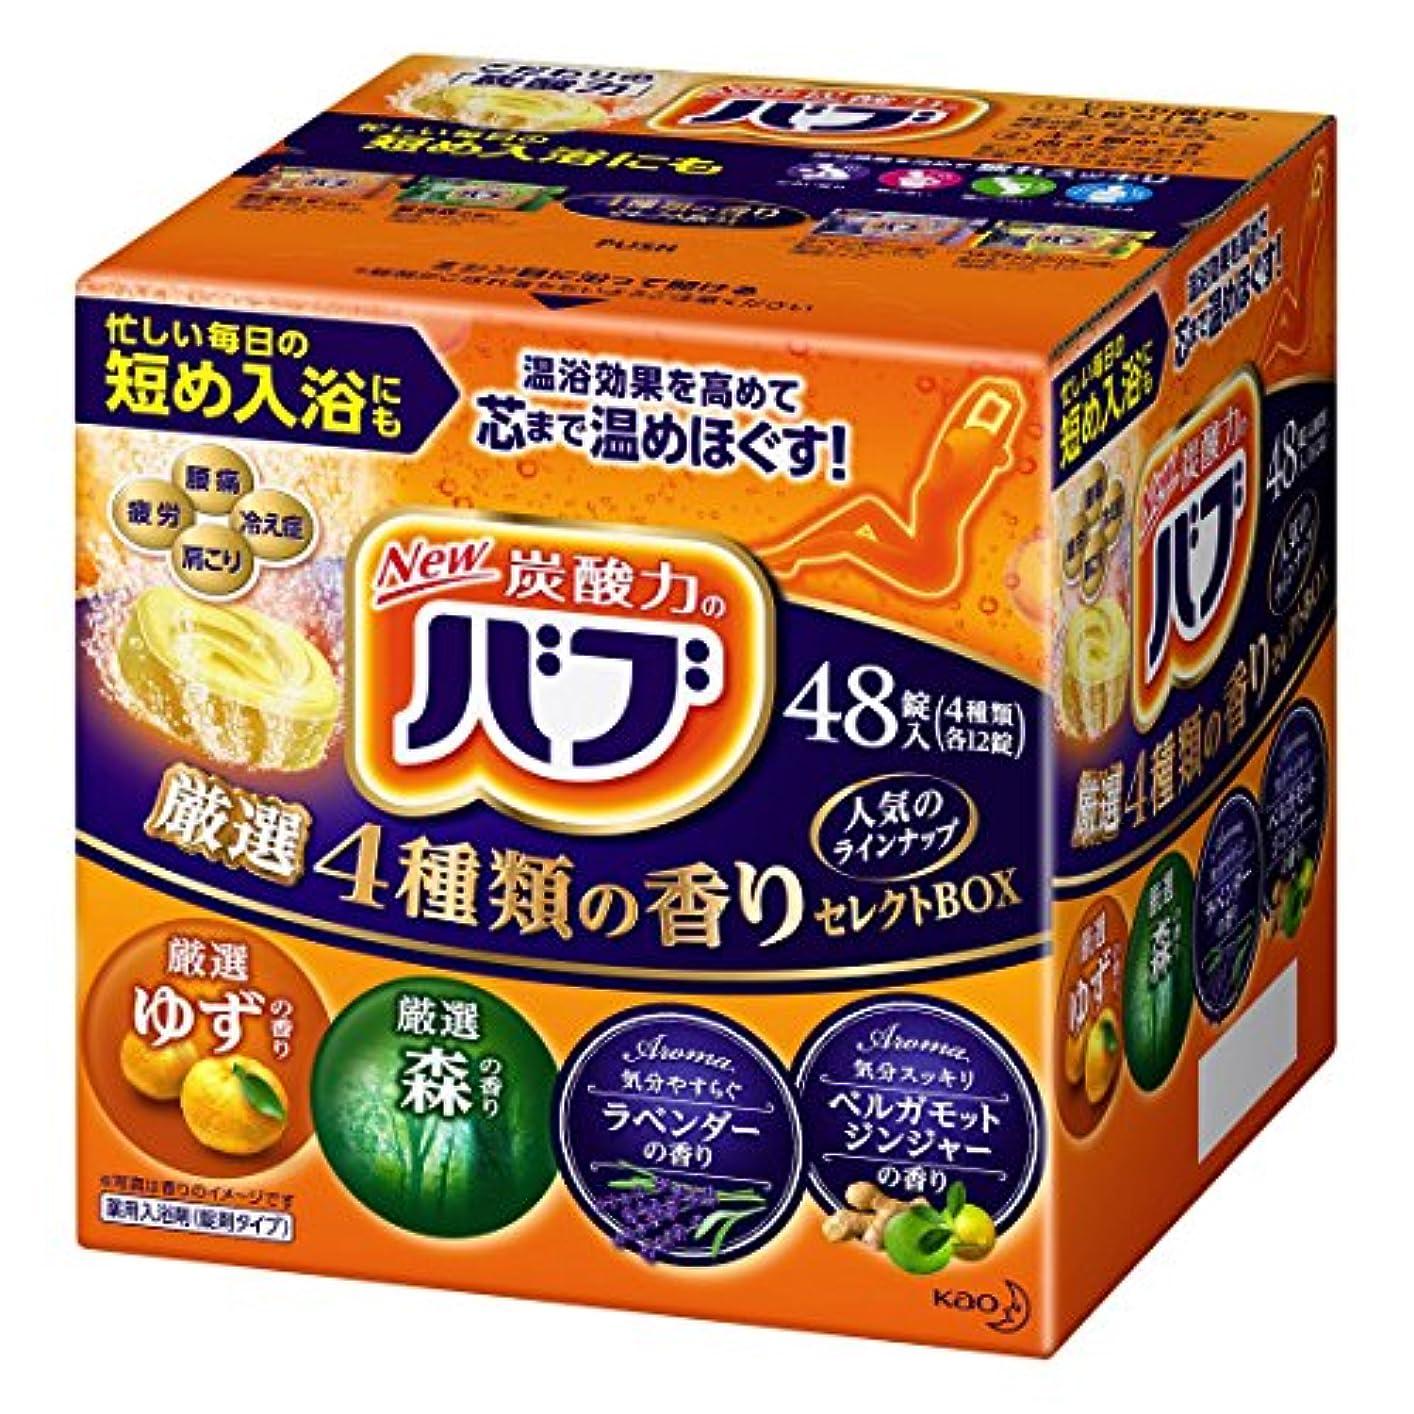 トレイエレガント馬鹿げた【大容量】バブ 厳選4種類の香りセレクトBOX 48錠 炭酸 入浴剤